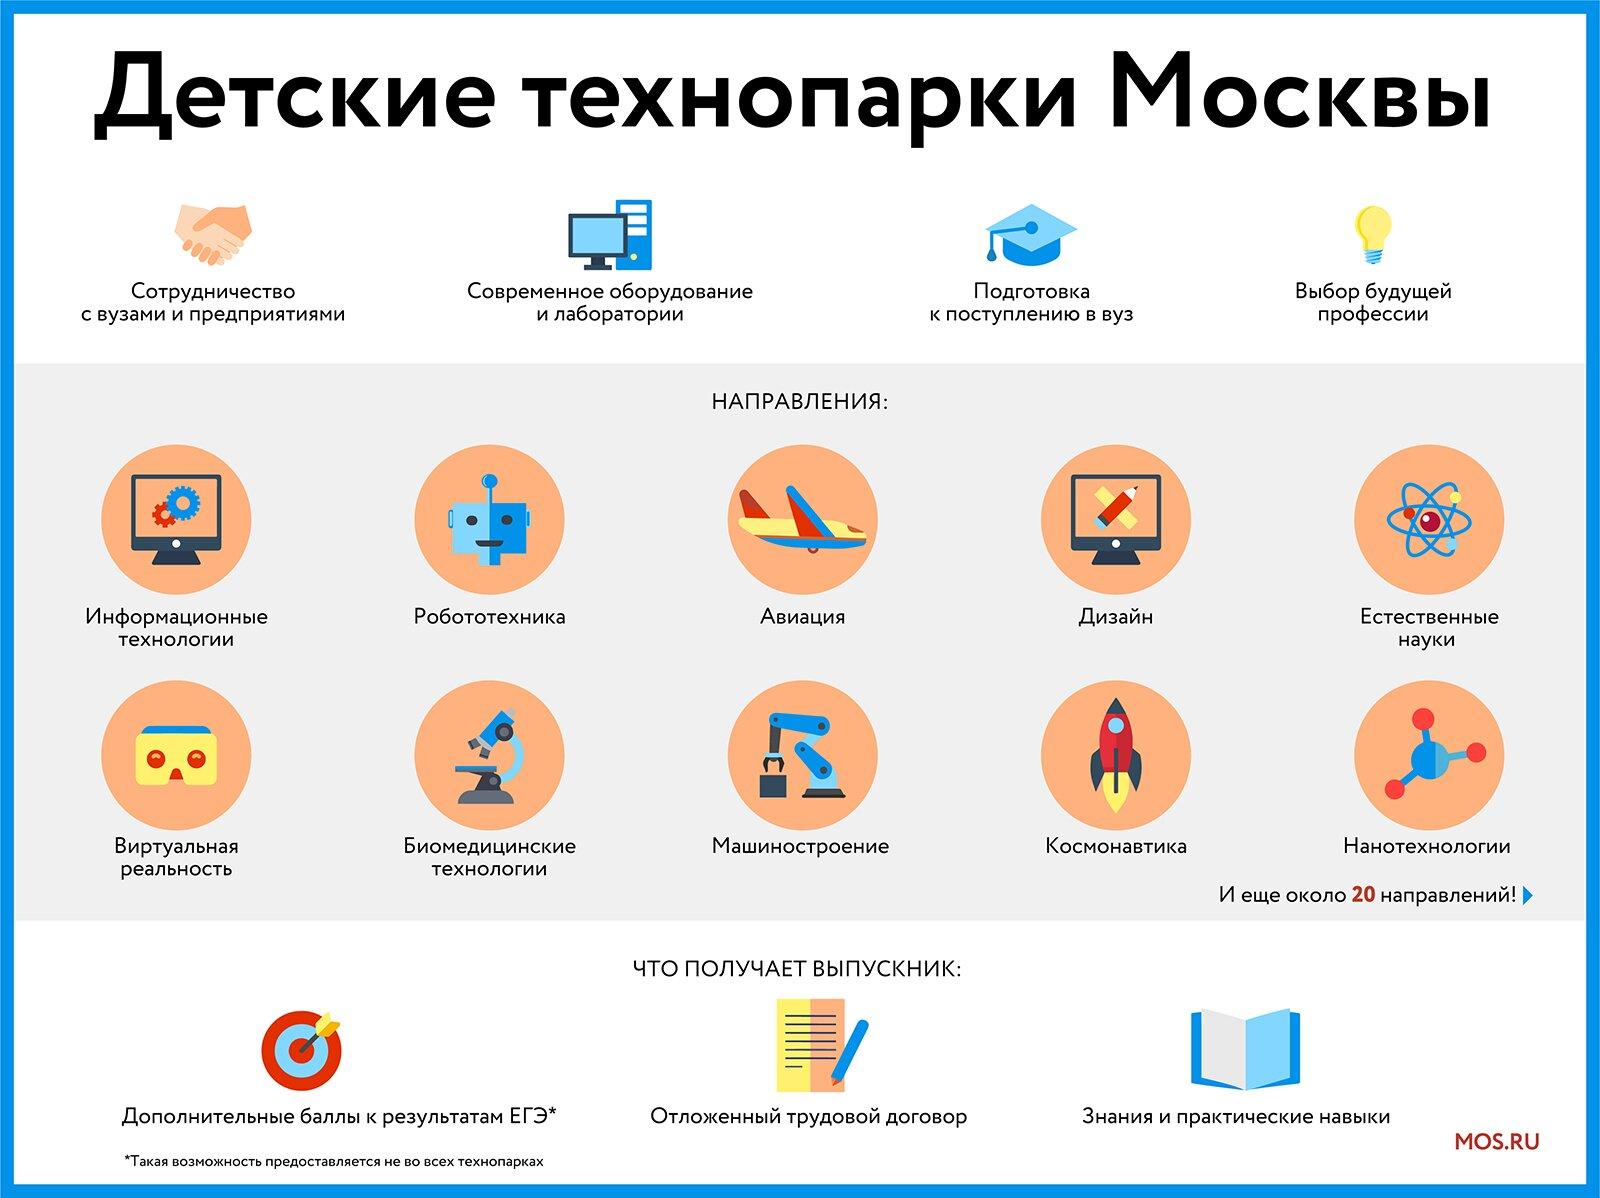 «Бизнес-уик-энд» и детские технопарки: Сергей Собянин рассказал о развитии системы профнавигации